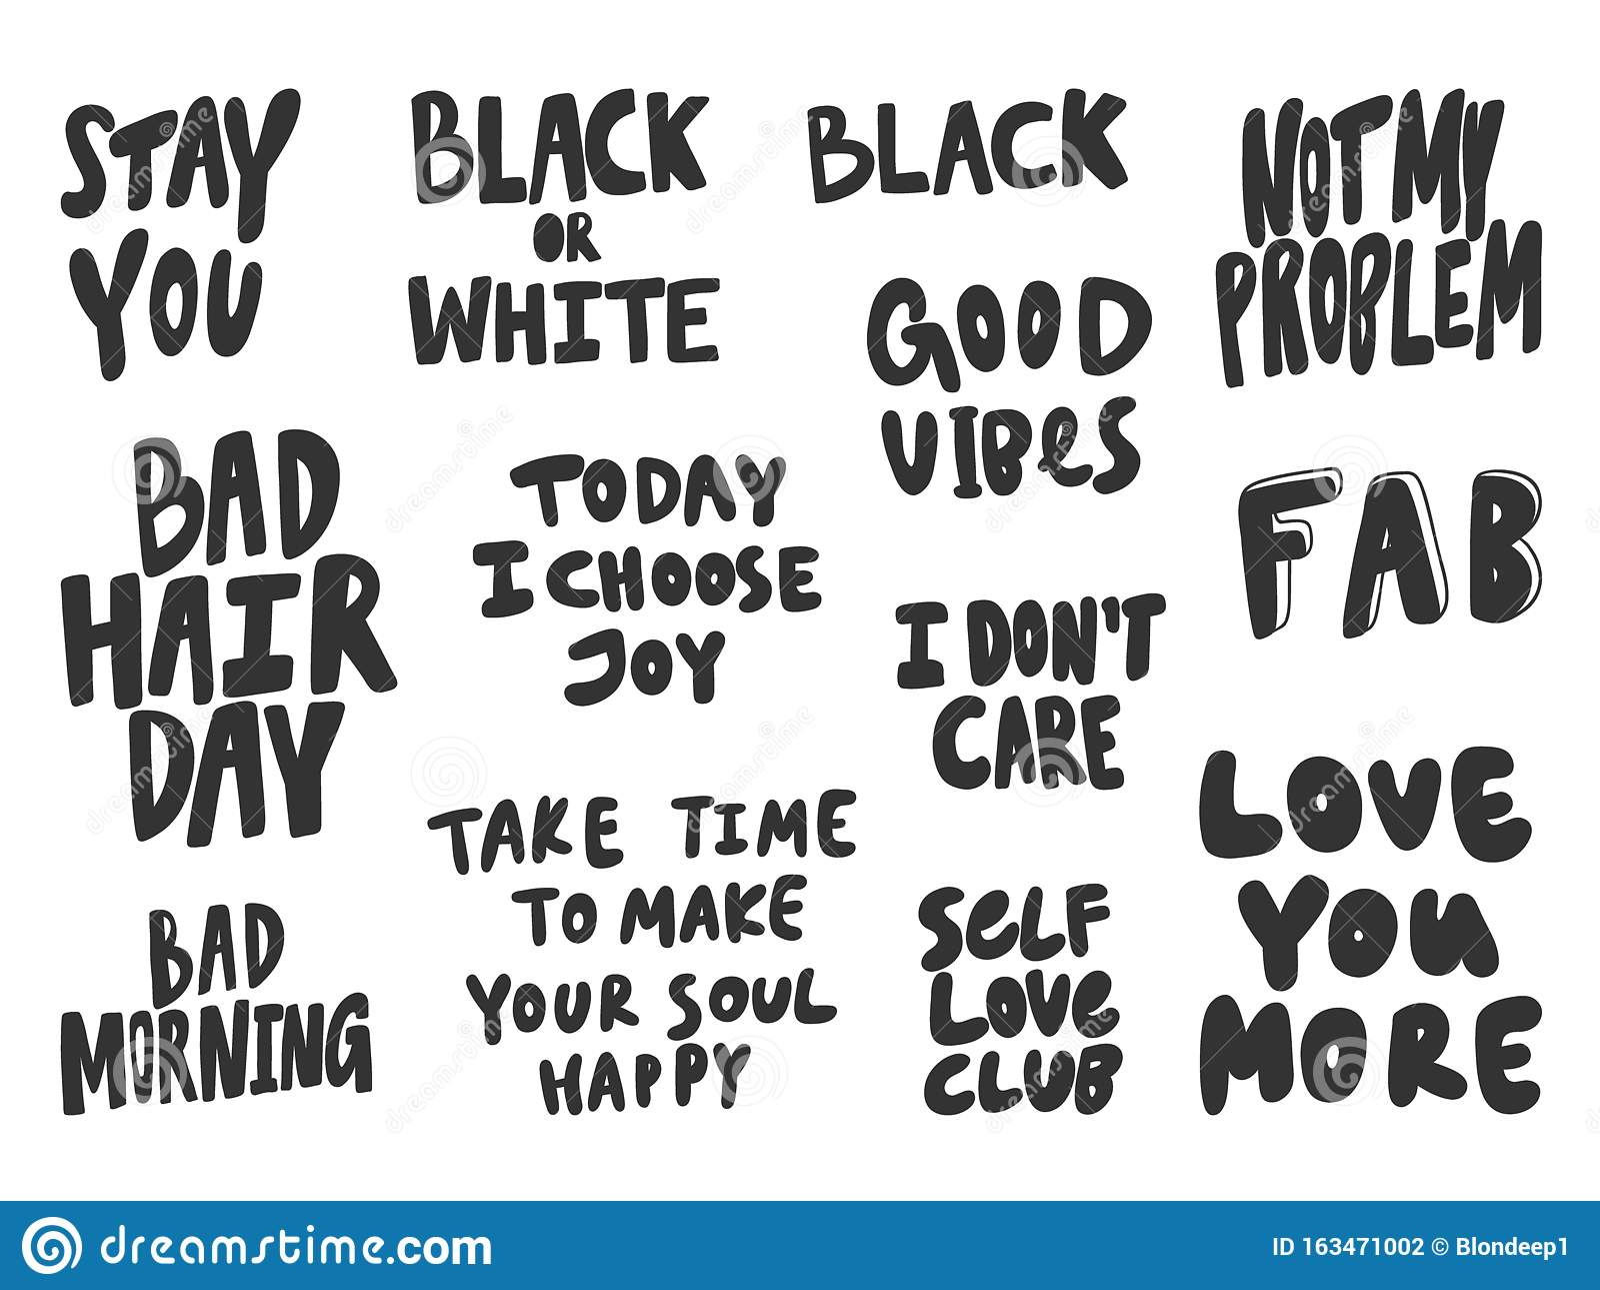 bleiben, schwarz, liebe, mehr, problem, gut, vibes, haare